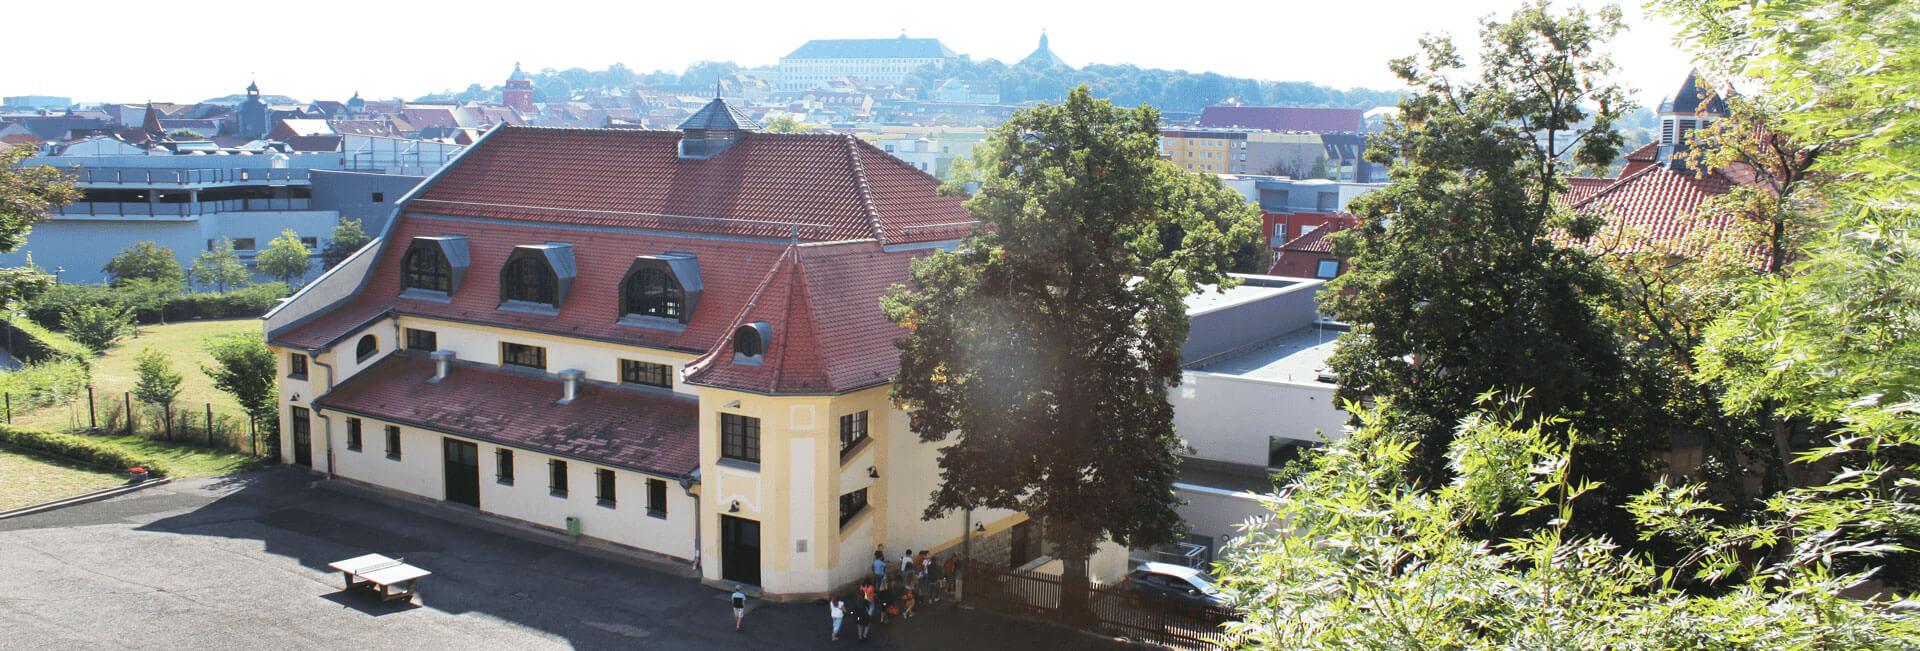 http://schach.arnoldi-gym.de/wp-content/uploads/2016/11/schule-header-arnoldi3.jpg